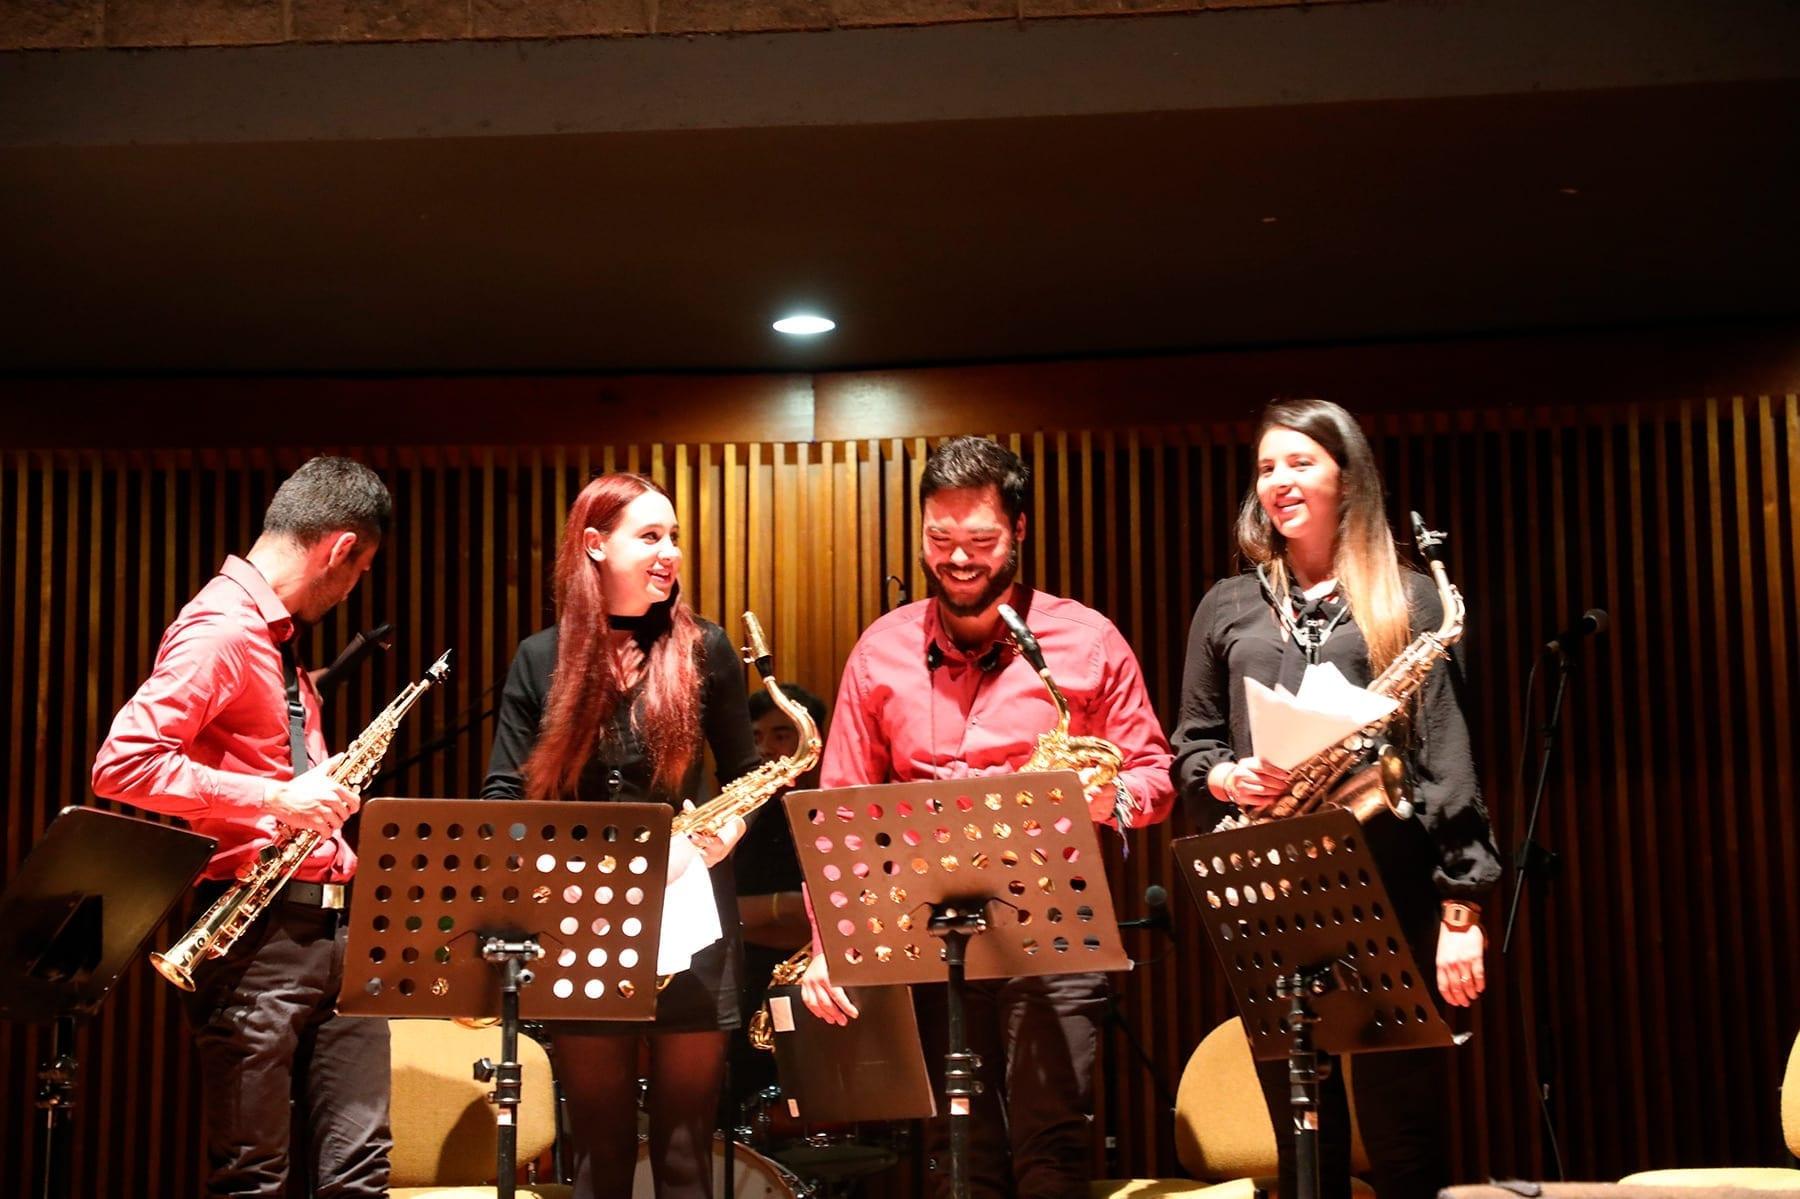 Concierto | Grupo de Rock (PIJ) + Conjuntos de saxofones